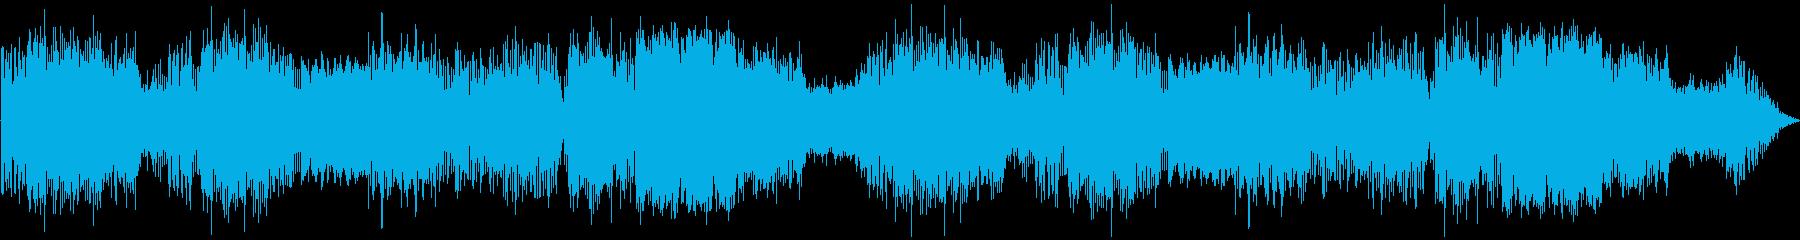 ピアノ・8bit・フィールドマップ・壮大の再生済みの波形